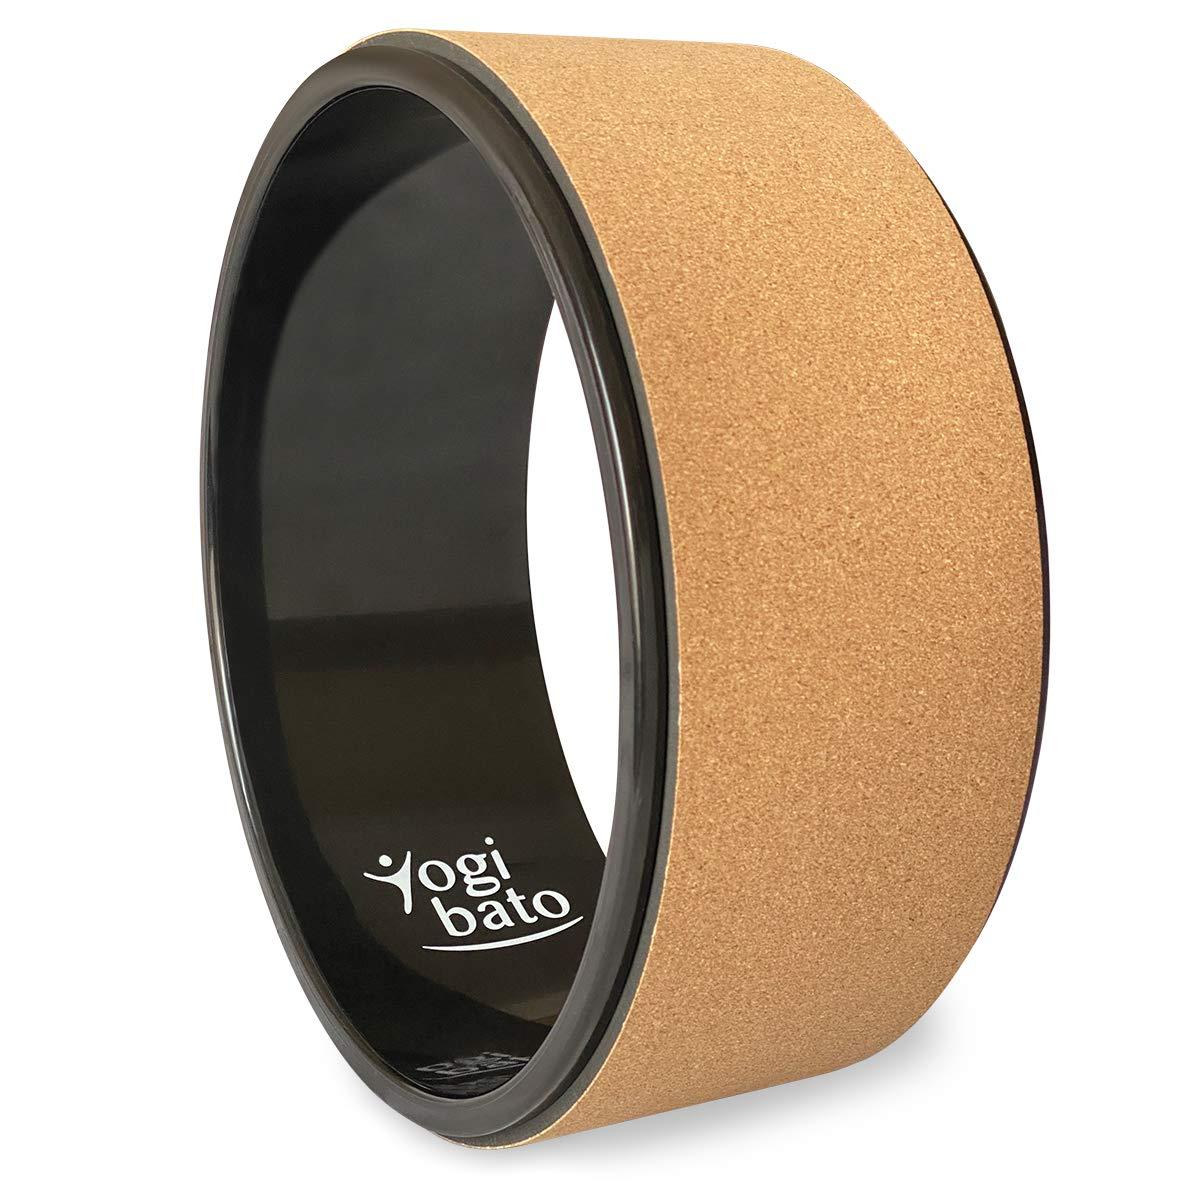 Pilates Rad 33x13cm Ideal zur Verbesserung der Flexibilit/ät Balance und K/örperhaltung POWRX Yoga Wheel Professional